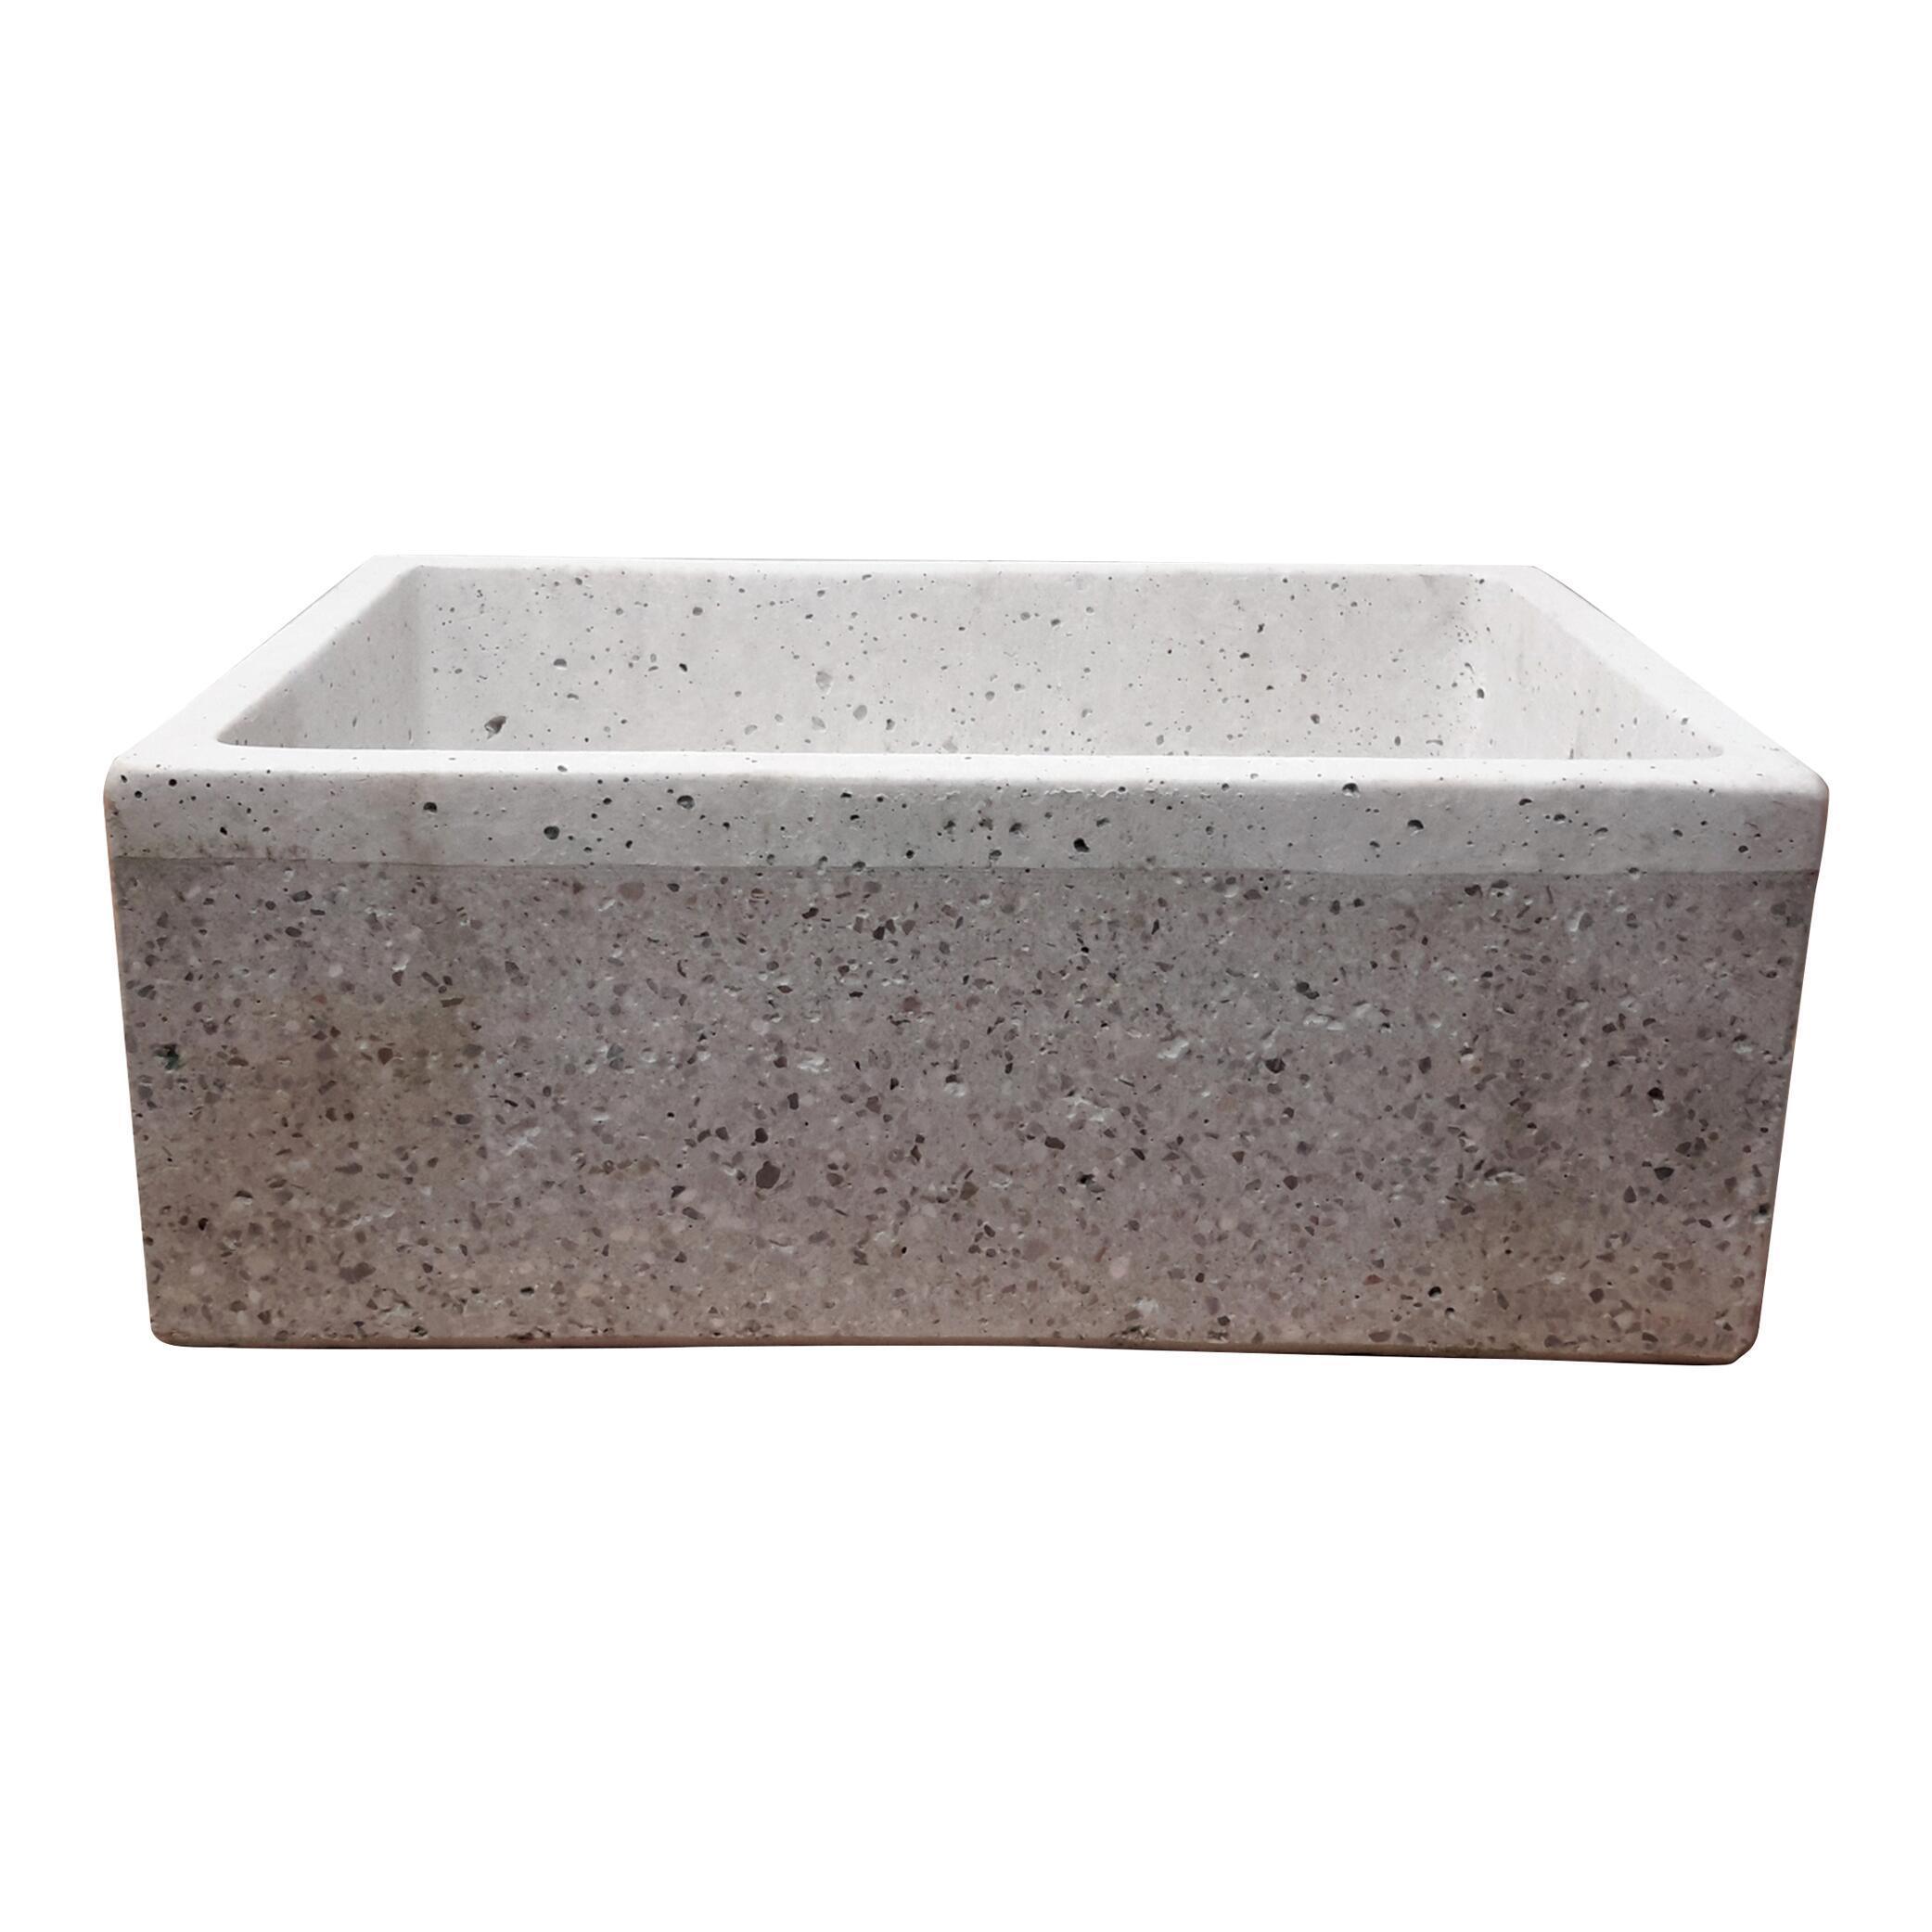 Lavabo Da Giardino In Cemento H 20 Cm 47 X 36 Cm Leroy Merlin